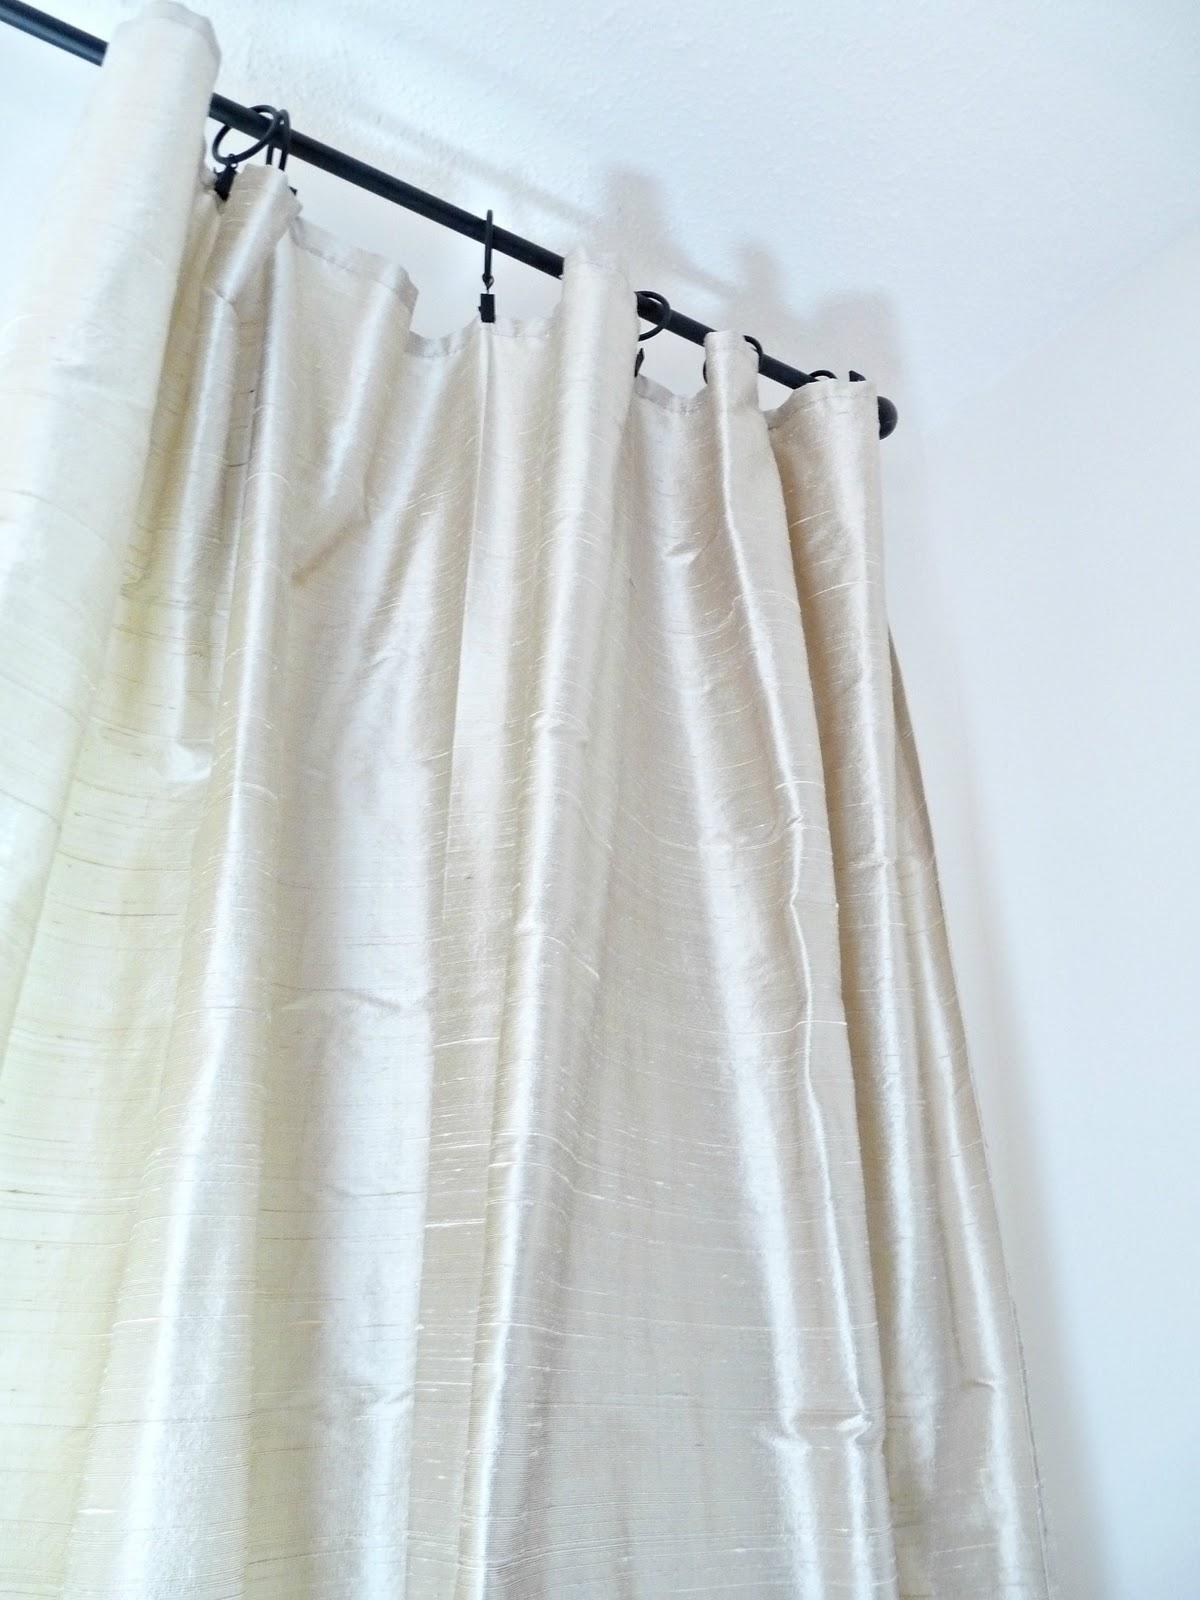 Beige silk curtains